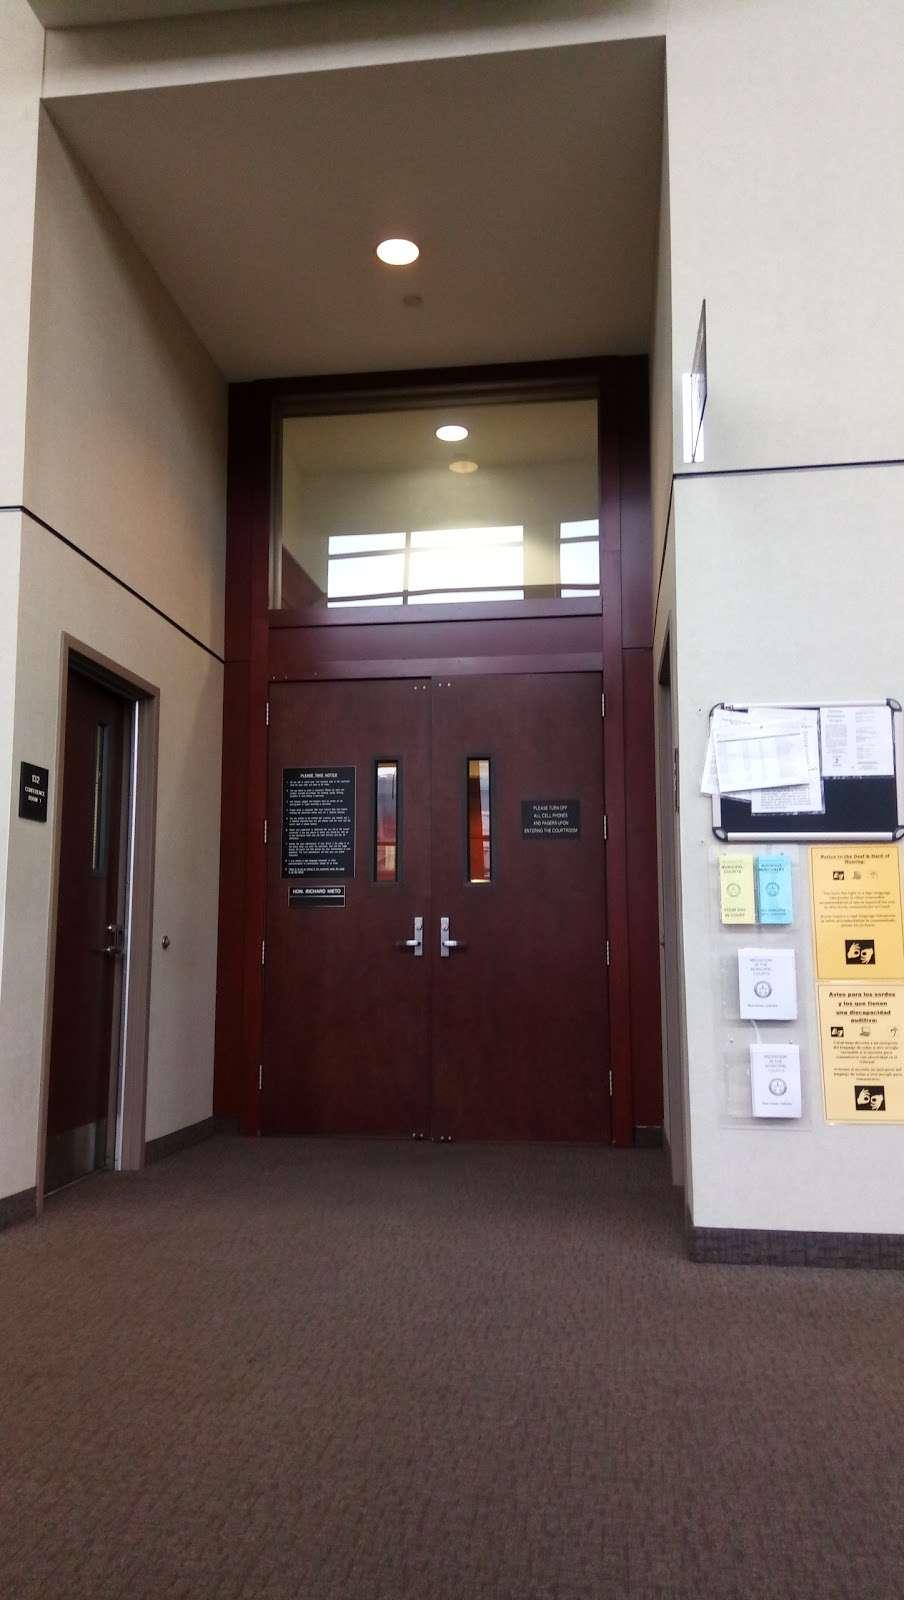 Jersey City Municipal Court - courthouse  | Photo 7 of 10 | Address: 365 Summit Ave, Jersey City, NJ 07306, USA | Phone: (201) 209-6700